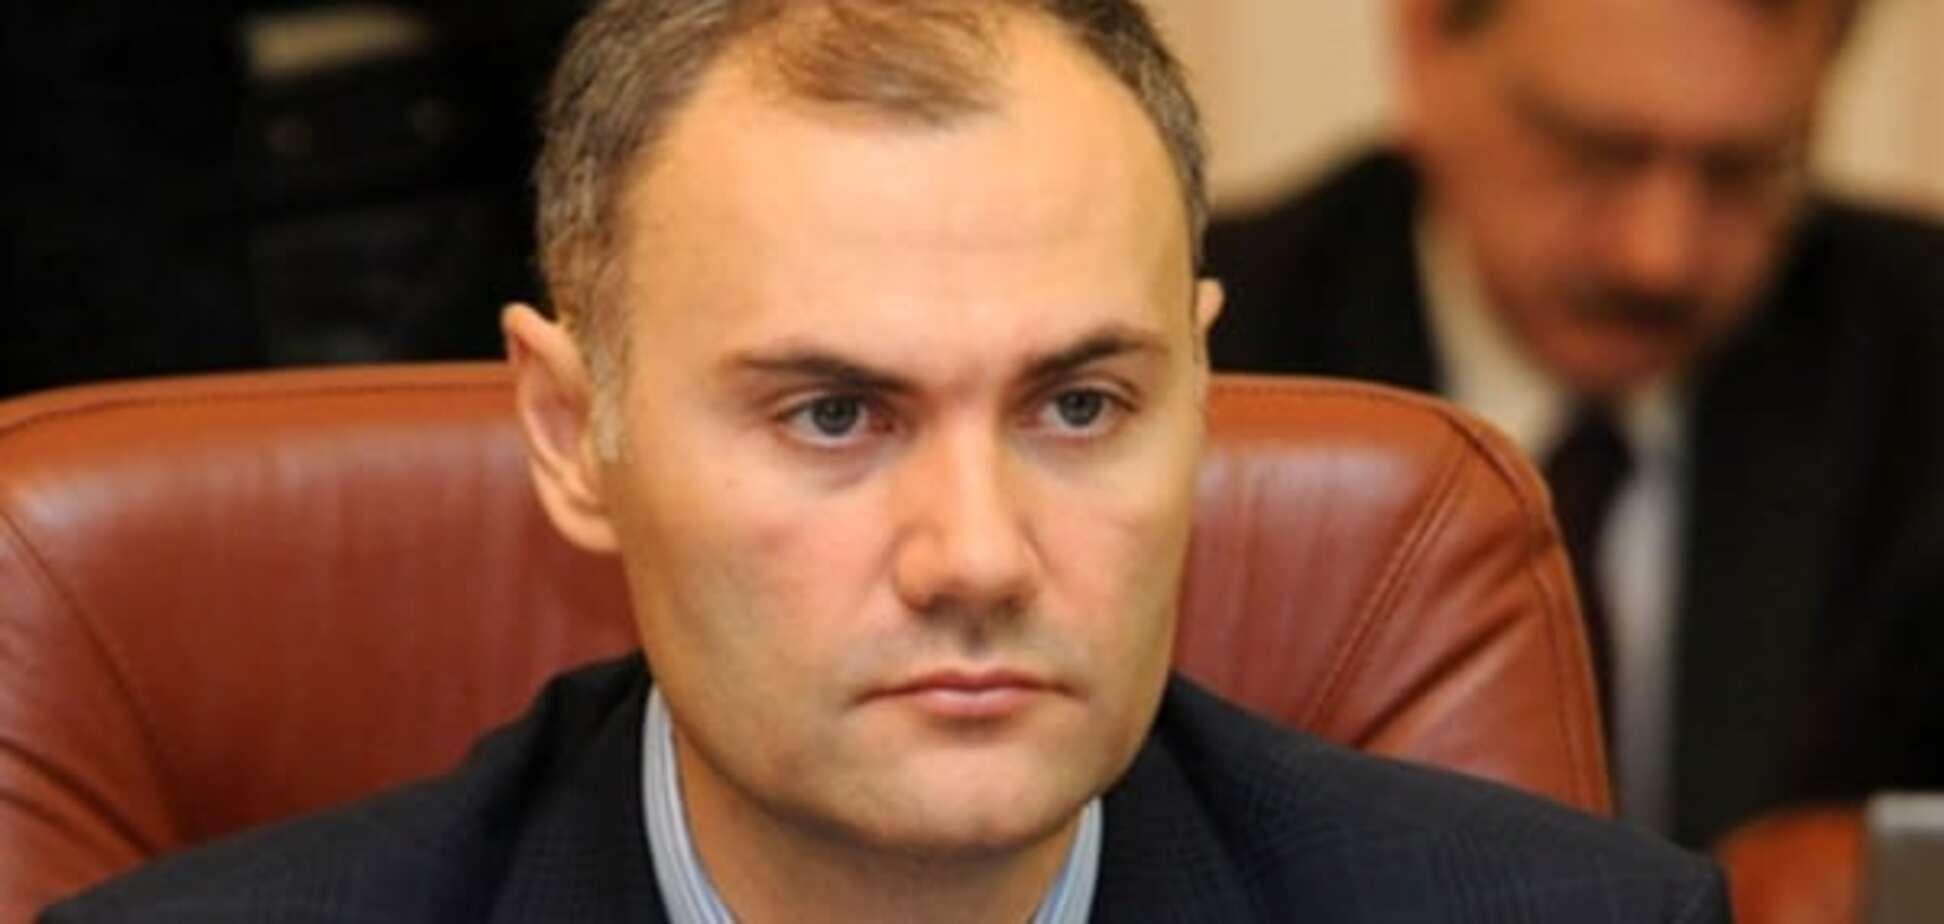 Іспанія офіційно відмовила в екстрадиції екс-міністру фінансів України